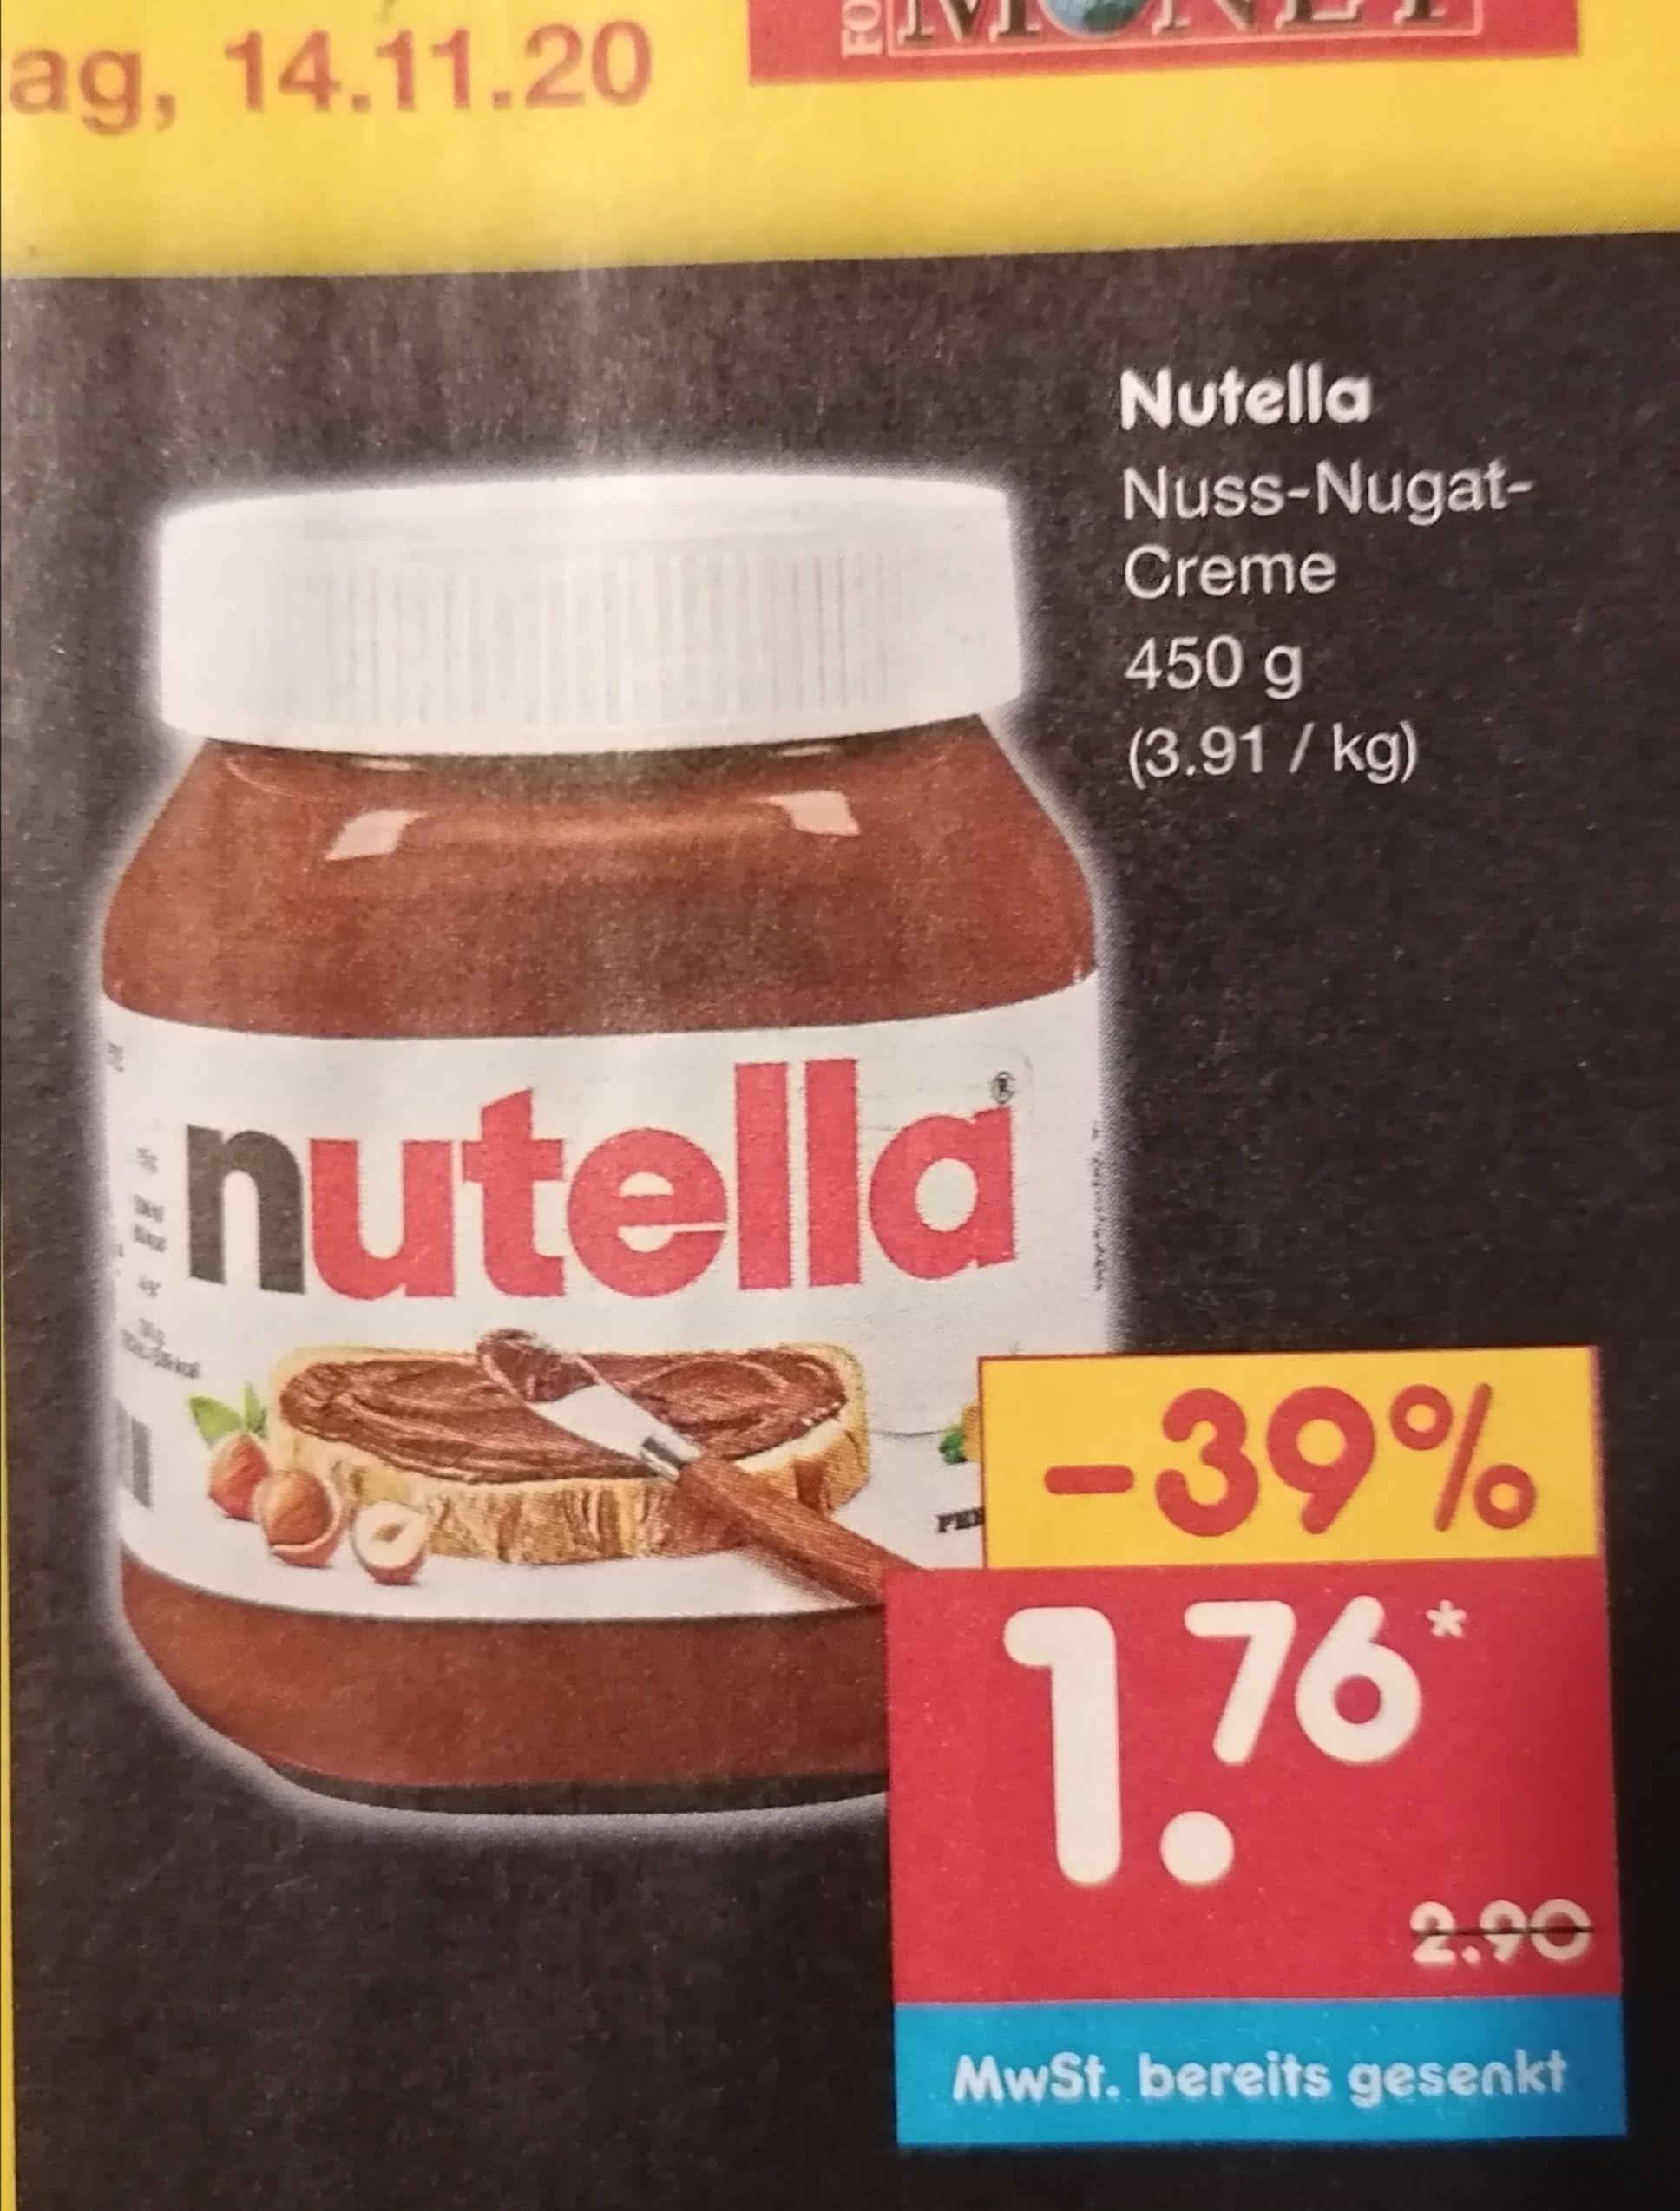 Nutella Nuss-Nugat-Creme [Netto] 12.11.-14.11.2020 - 1,76€ (1,41€ mit 20% Netto Gutschein möglich)